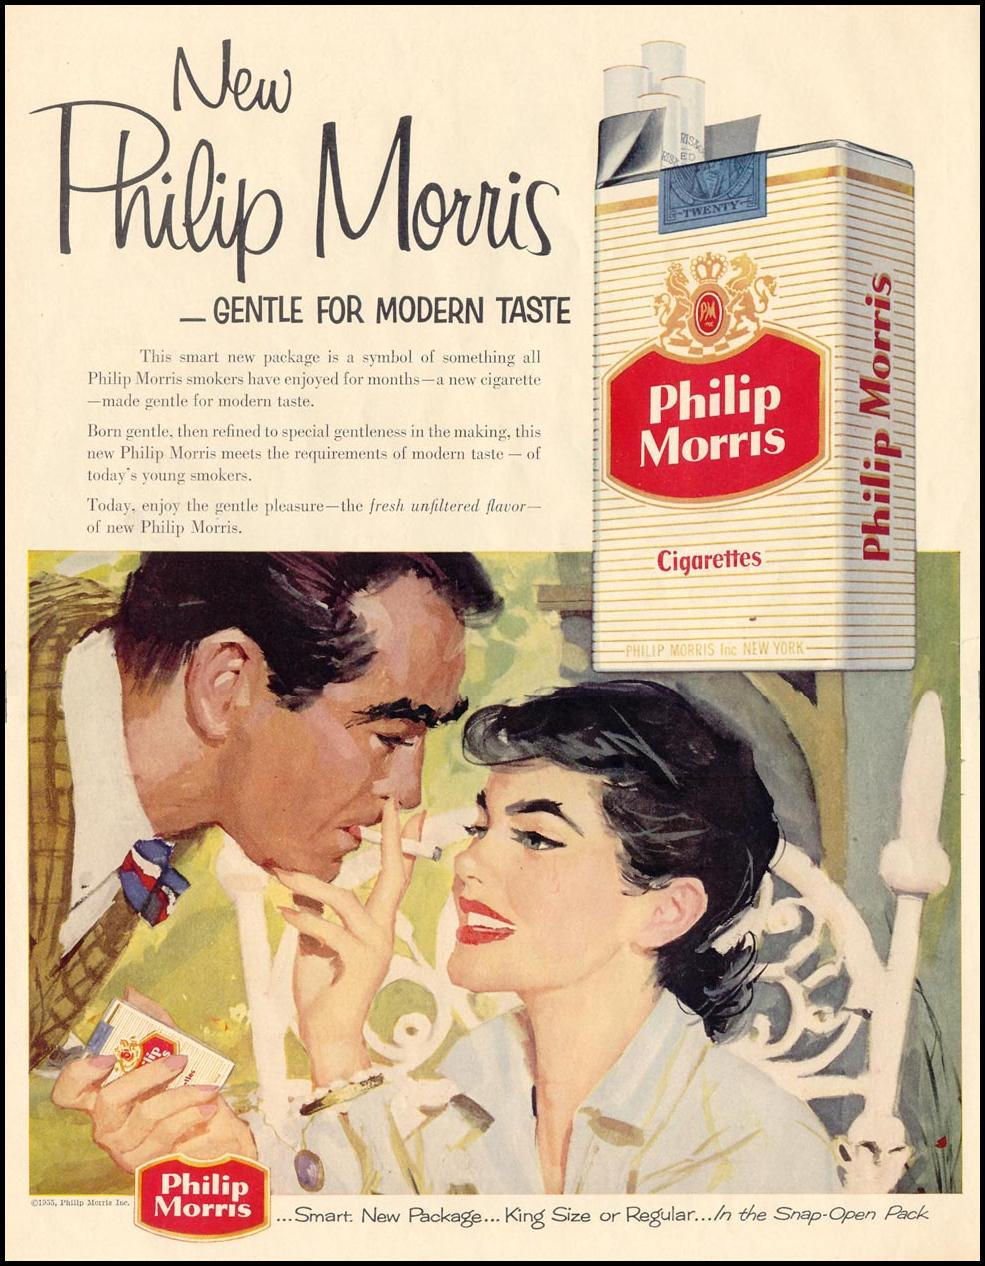 PHILIP MORRIS CIGARETTES LIFE 11/14/1955 p. 132